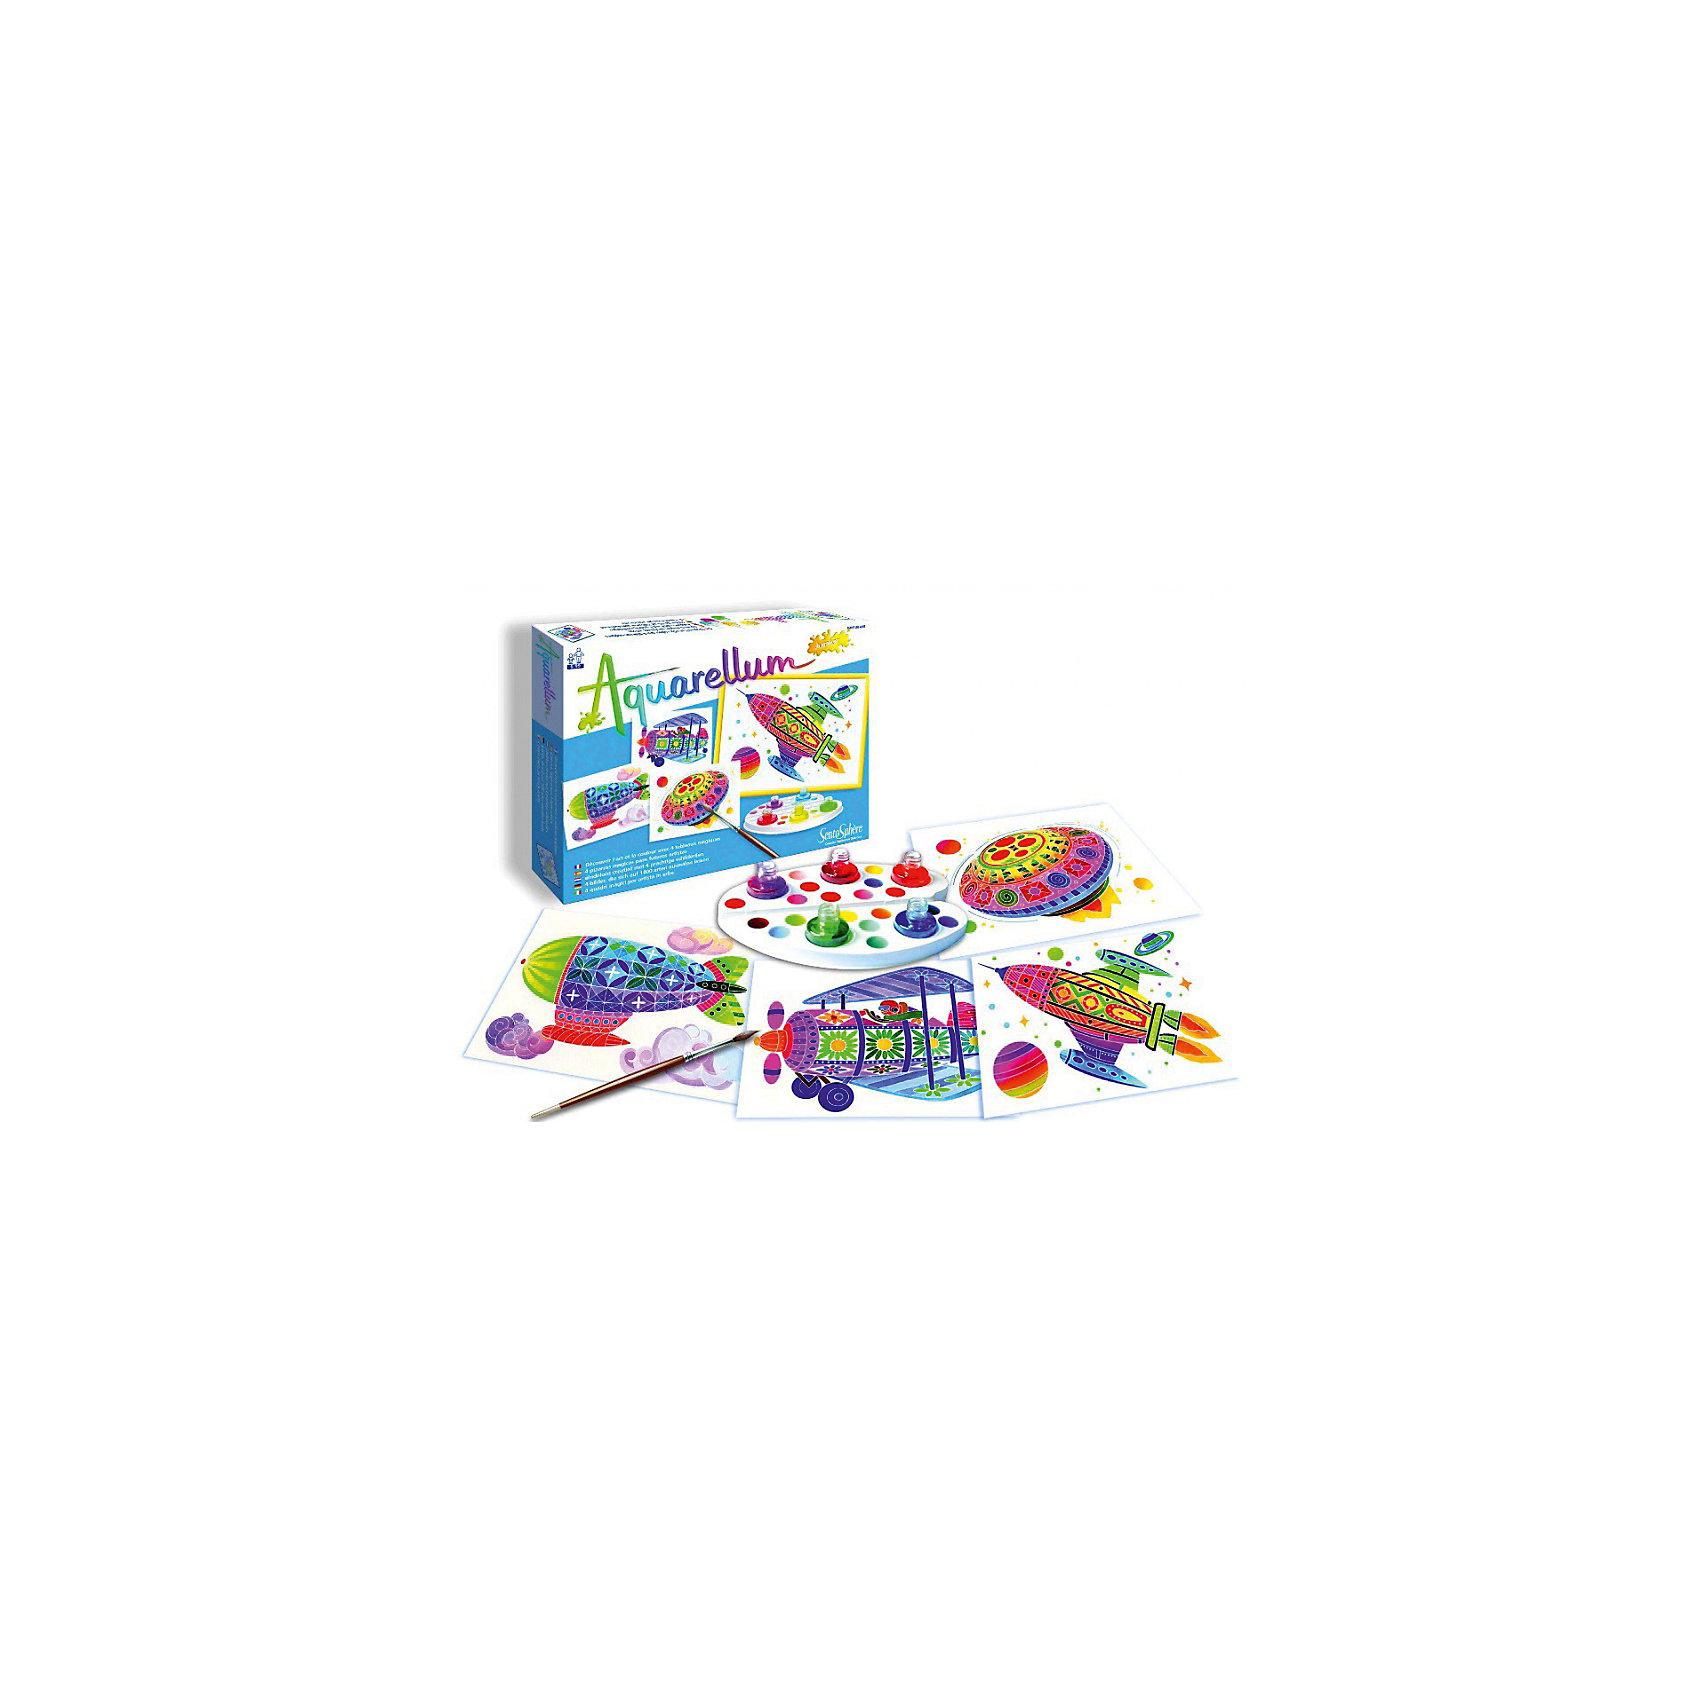 SentoSpherе 678 Акварельная раскраска В воздухеВсего несколько капель красок и любой ребенок сможет создать настоящие произведения искусства. Акварель для детей основана на технике вставки в оправу тонкого пергамента. Эта техника позволяет картине приклеиться только на специальные поверхности: рисунок появляется по мере проведения кисточкой по бумаге. Картину можно перерисовывать несколько раз, чтобы получить самый красивый результат. Такая техника идеальна, чтобы научить детей составлению цветов. Кроме того, она развивает воображение, точность и внимание. 4 картины; 1 кисть очень высокого качества; 1 палитра для смешивания красок; 5 флаконов не токсичных акварельных красок; 1 пипетка для дозировки красок; 1 инструкция<br><br>Ширина мм: 270<br>Глубина мм: 200<br>Высота мм: 30<br>Вес г: 291<br>Возраст от месяцев: 48<br>Возраст до месяцев: 120<br>Пол: Унисекс<br>Возраст: Детский<br>SKU: 2176766